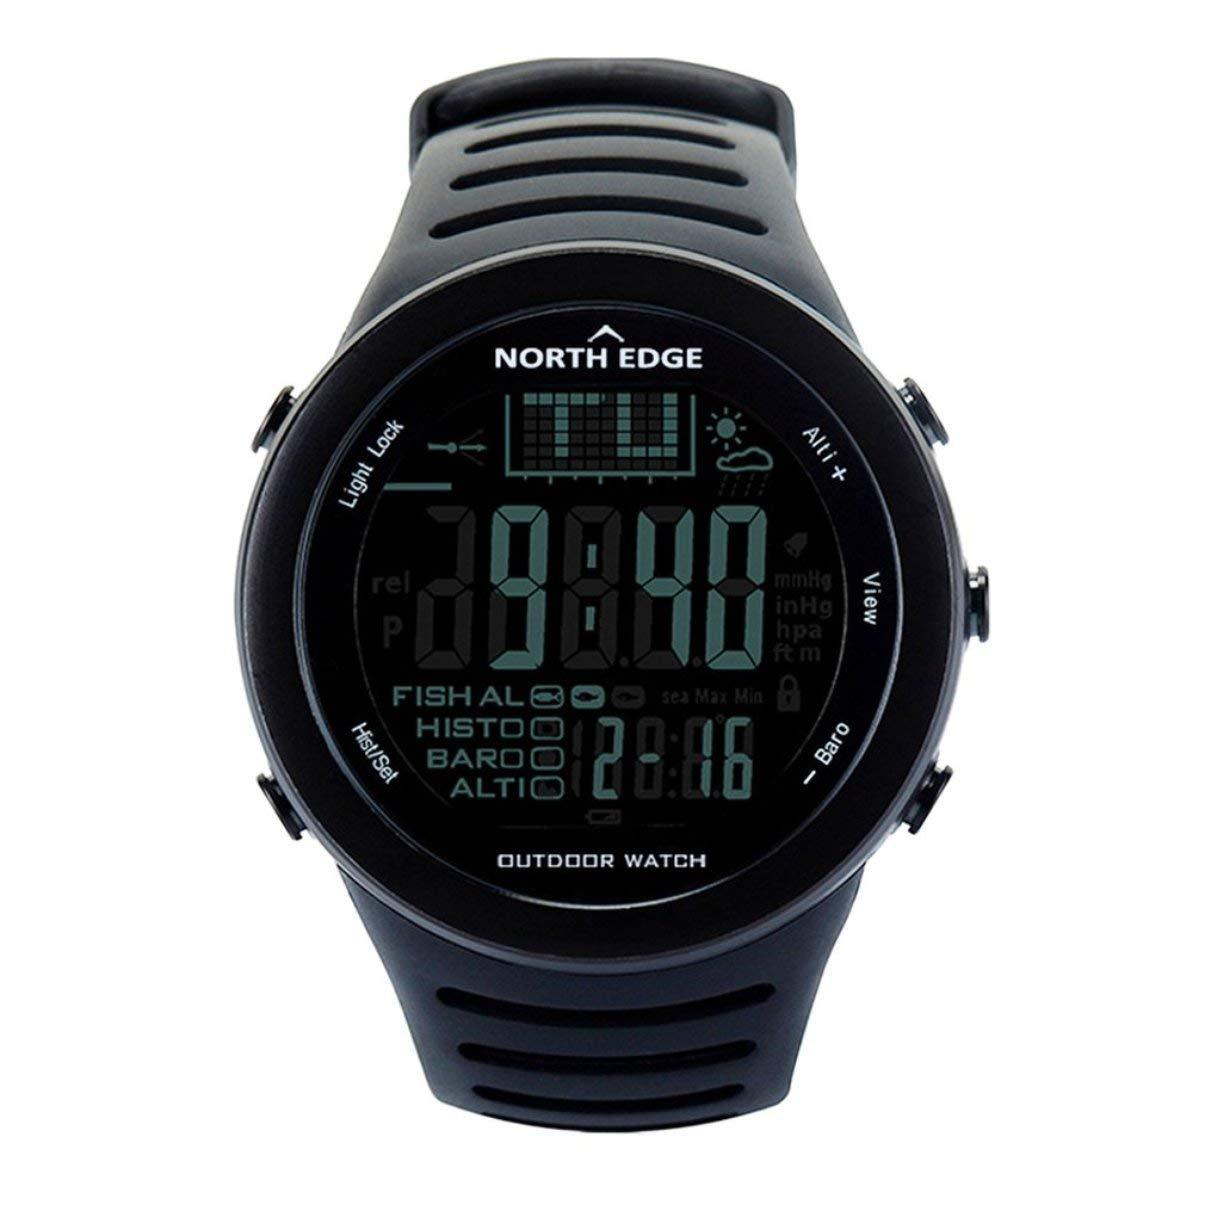 JullyeleDEgant North Edge 720 Outdoor Angeln Uhr Höhenmesser Barometer Thermometer Männer Smart Digital Sportuhr Für Klettern Wandern